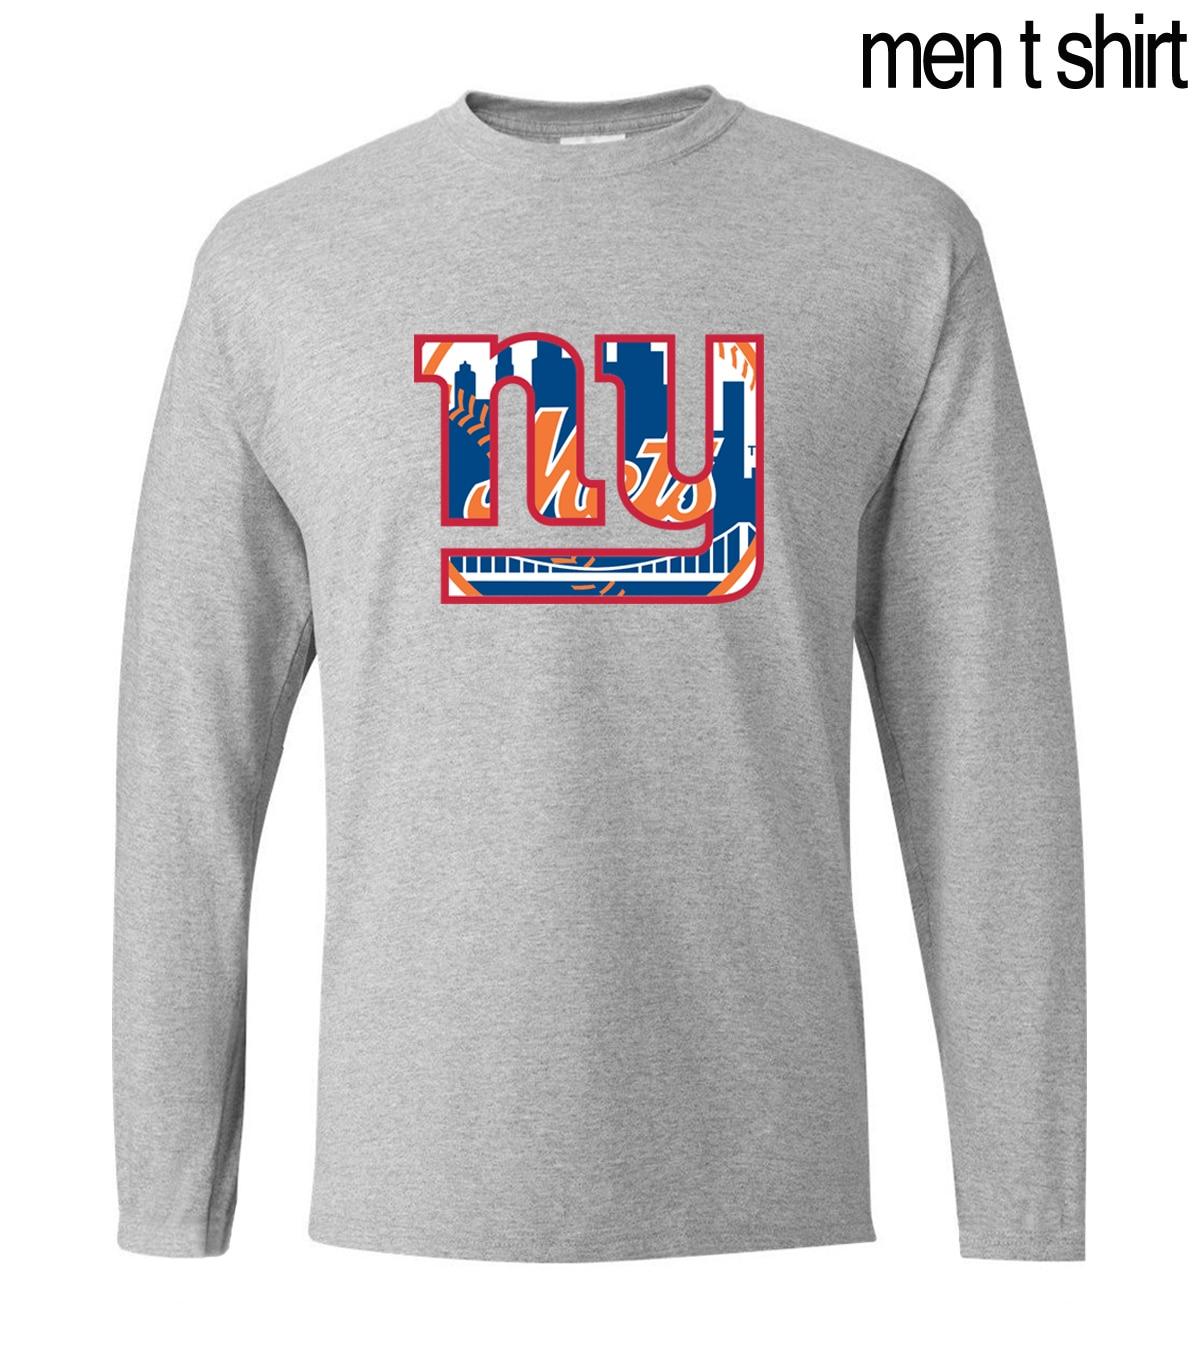 USA Male Long Sleeve T Shirt 2019 Summer American Style 100% Cotton Tshirt Fashion Hip Hop Mens T Shirt Crossfit Cool Men Tshirt